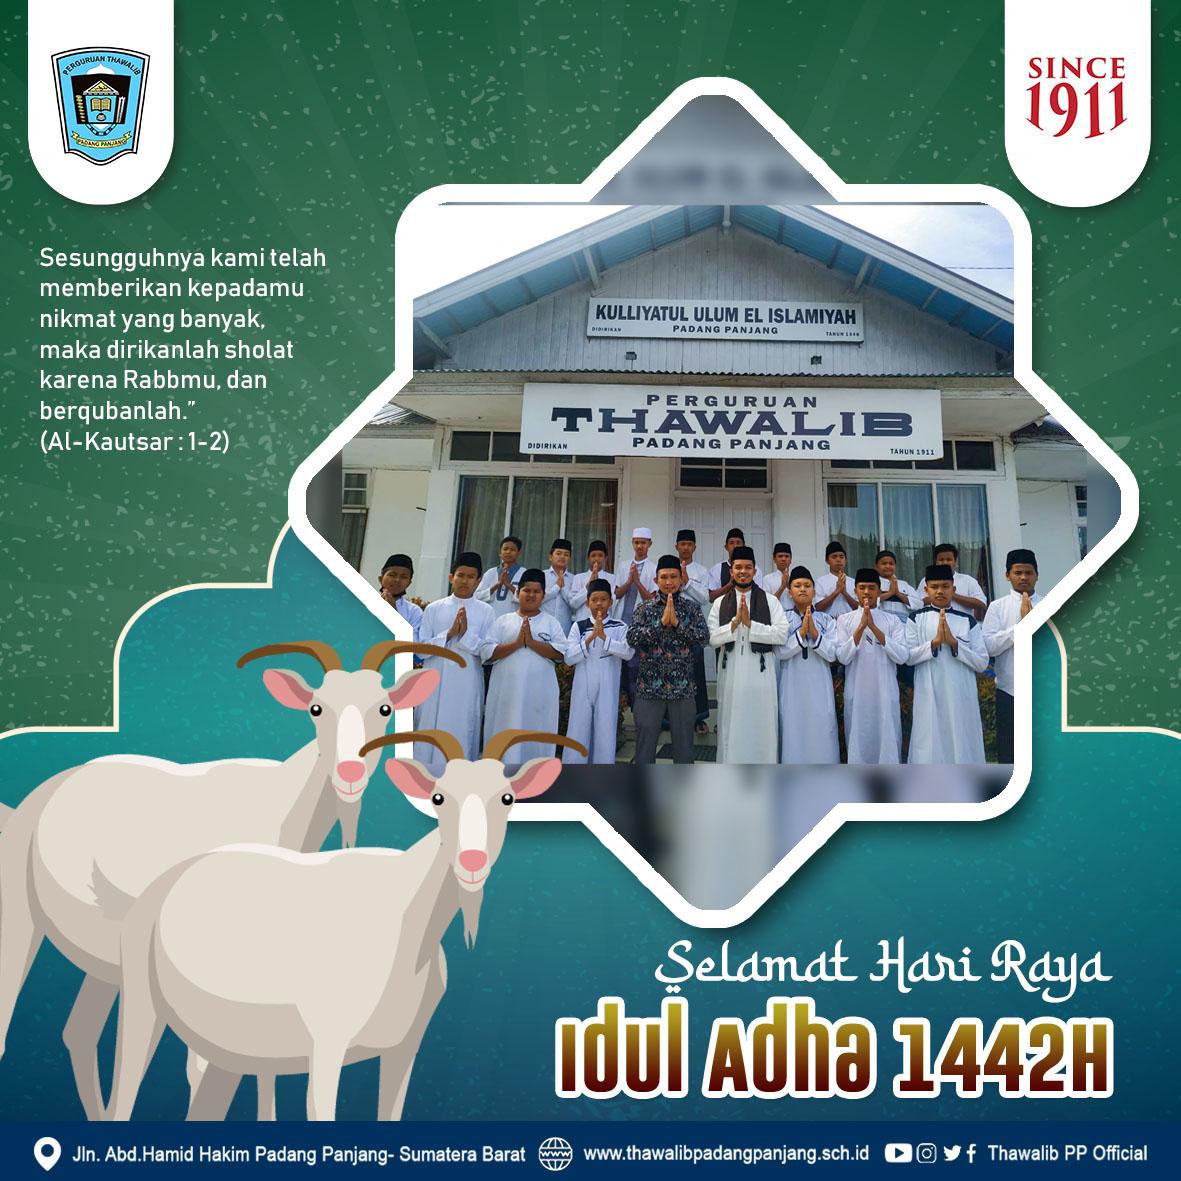 Dokumentasi Pelaksanaan Sholat Idul Adha 1442 H di Perguruan Thawalib Putra Padang Panjang ( Selasa, 20 Juli 2021)